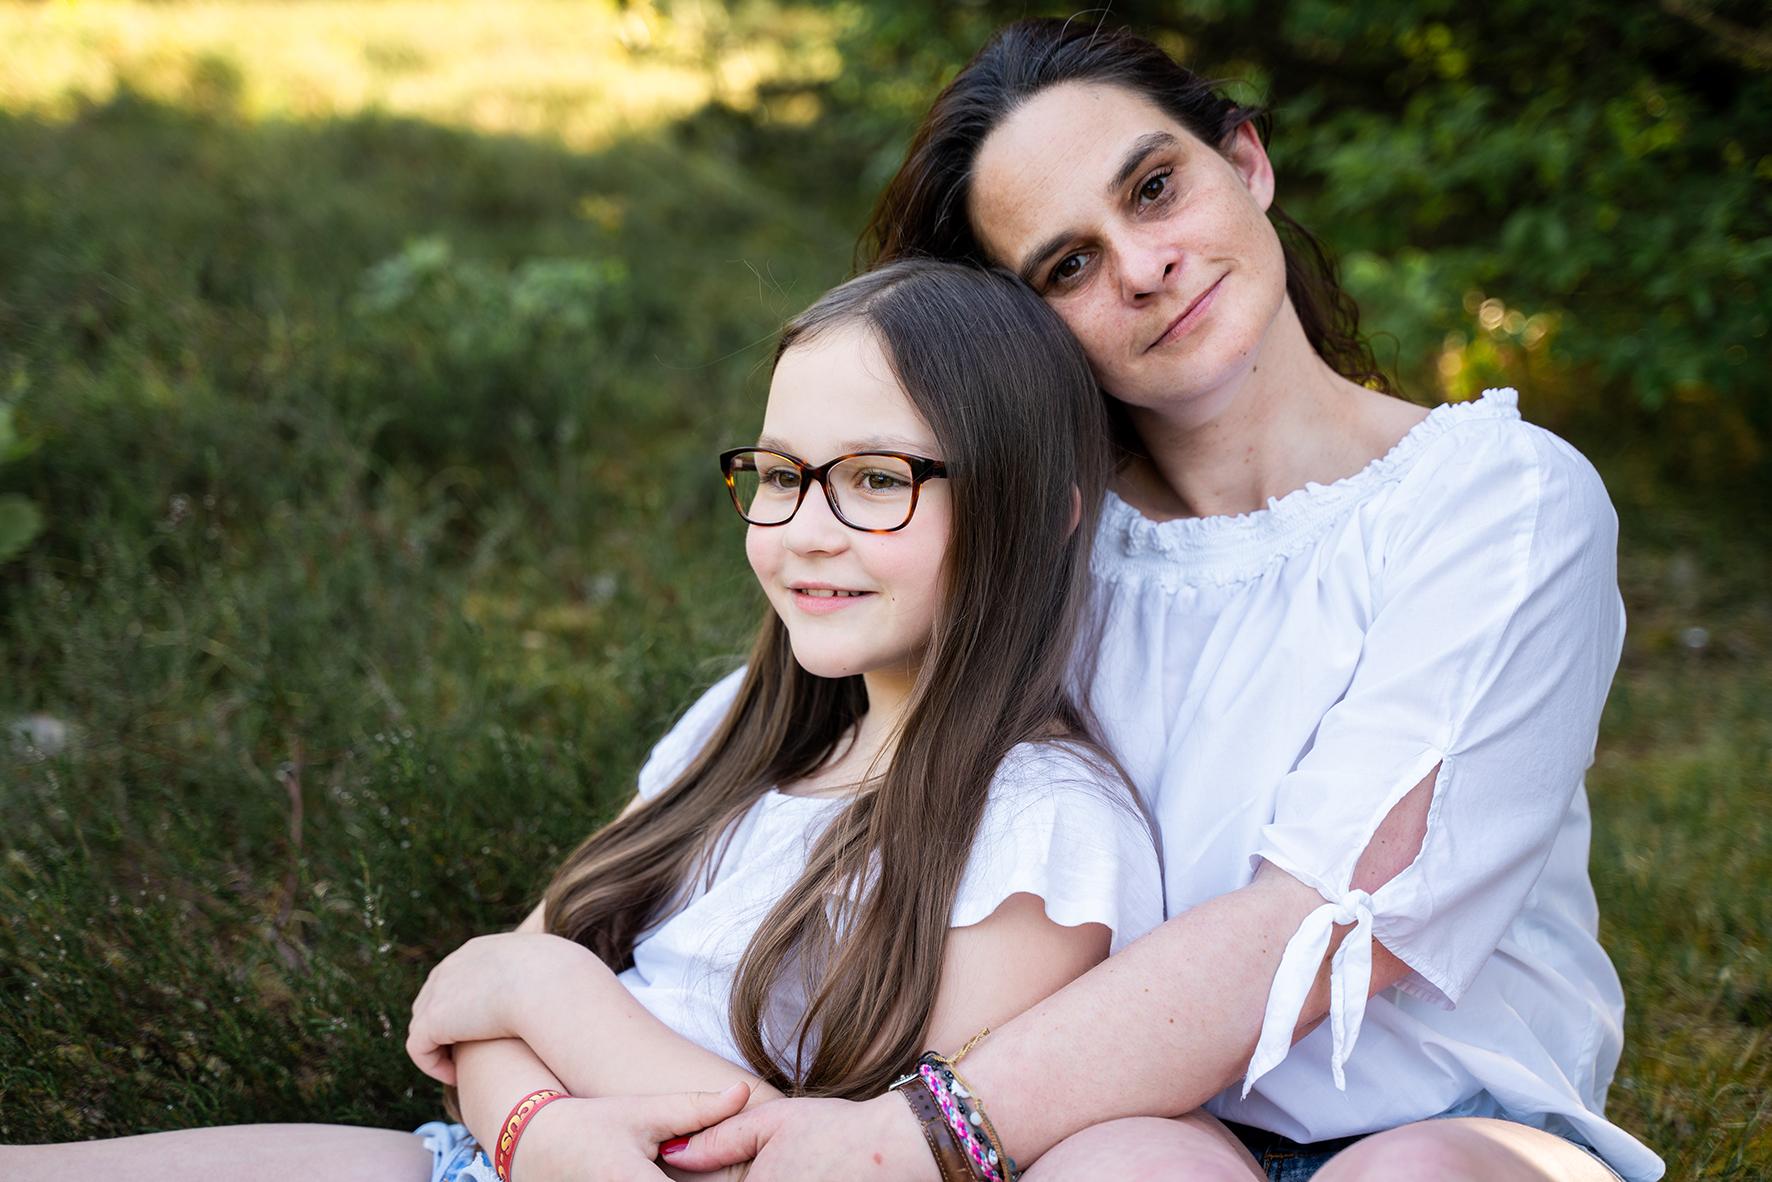 Fotograf Bremen Fotoshooting für Familien Mutter und Tochter